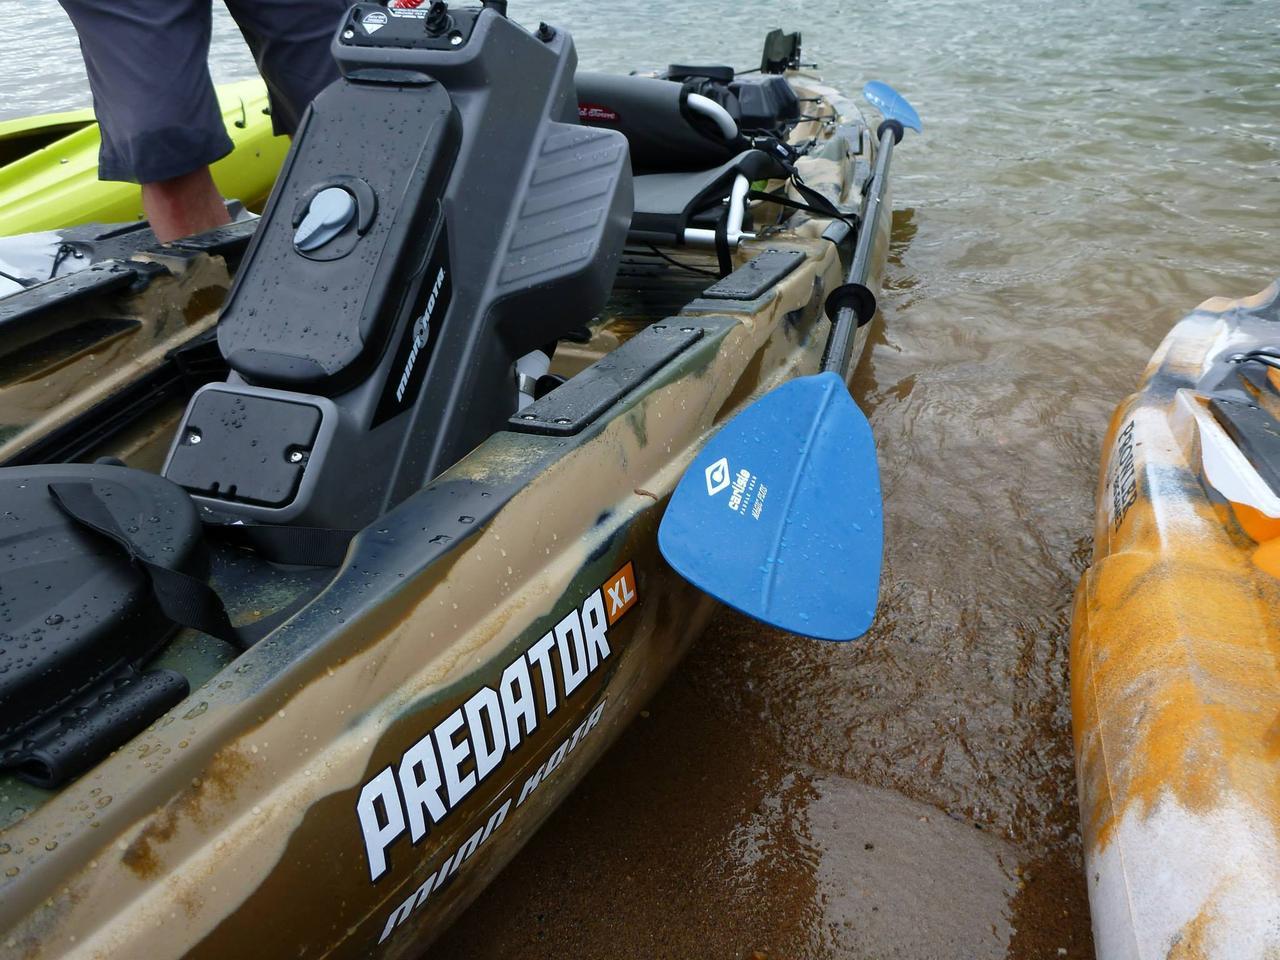 Modular Predator XL kayak features plug-and-play electric